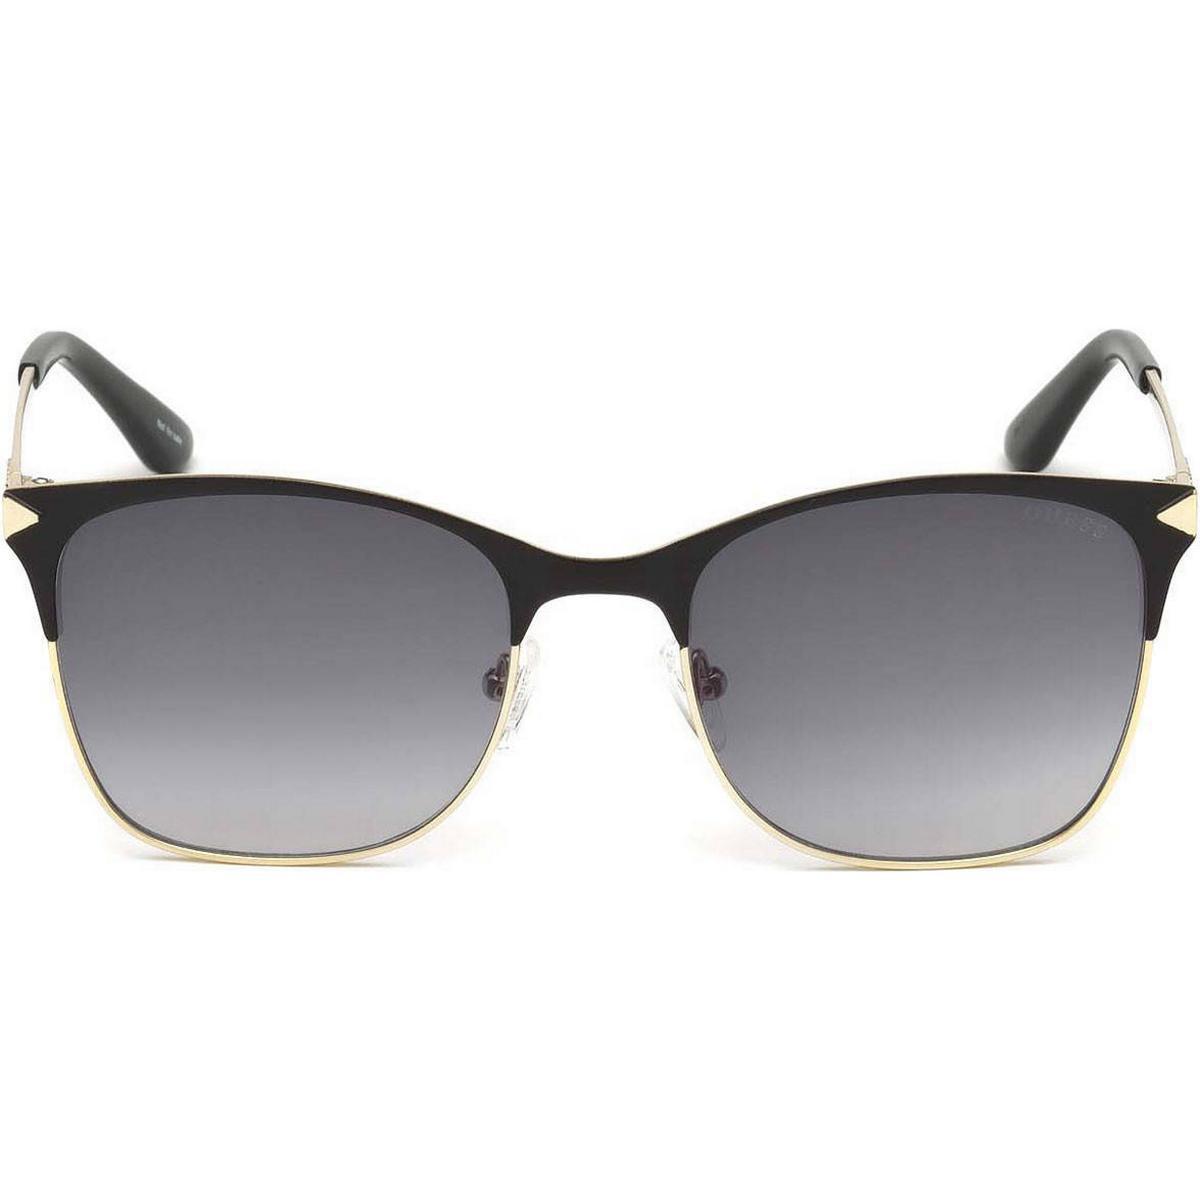 2112f3ecf899 Gucci Solbriller - Sammenlign priser hos PriceRunner